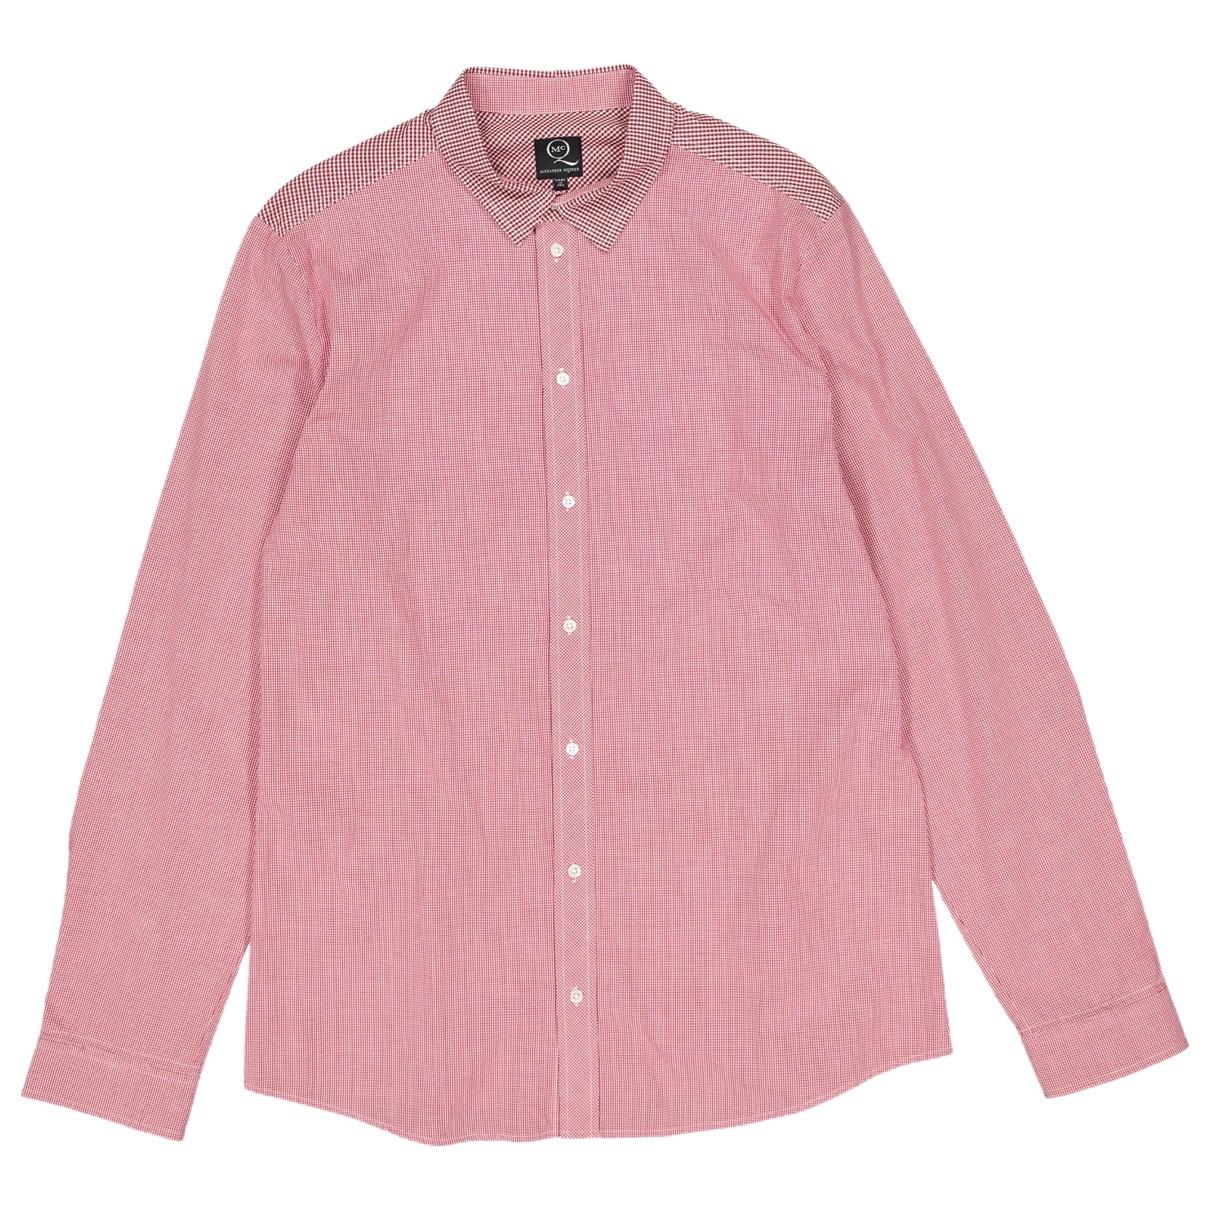 Alexander Mcqueen \N Cotton Shirts for Men L International